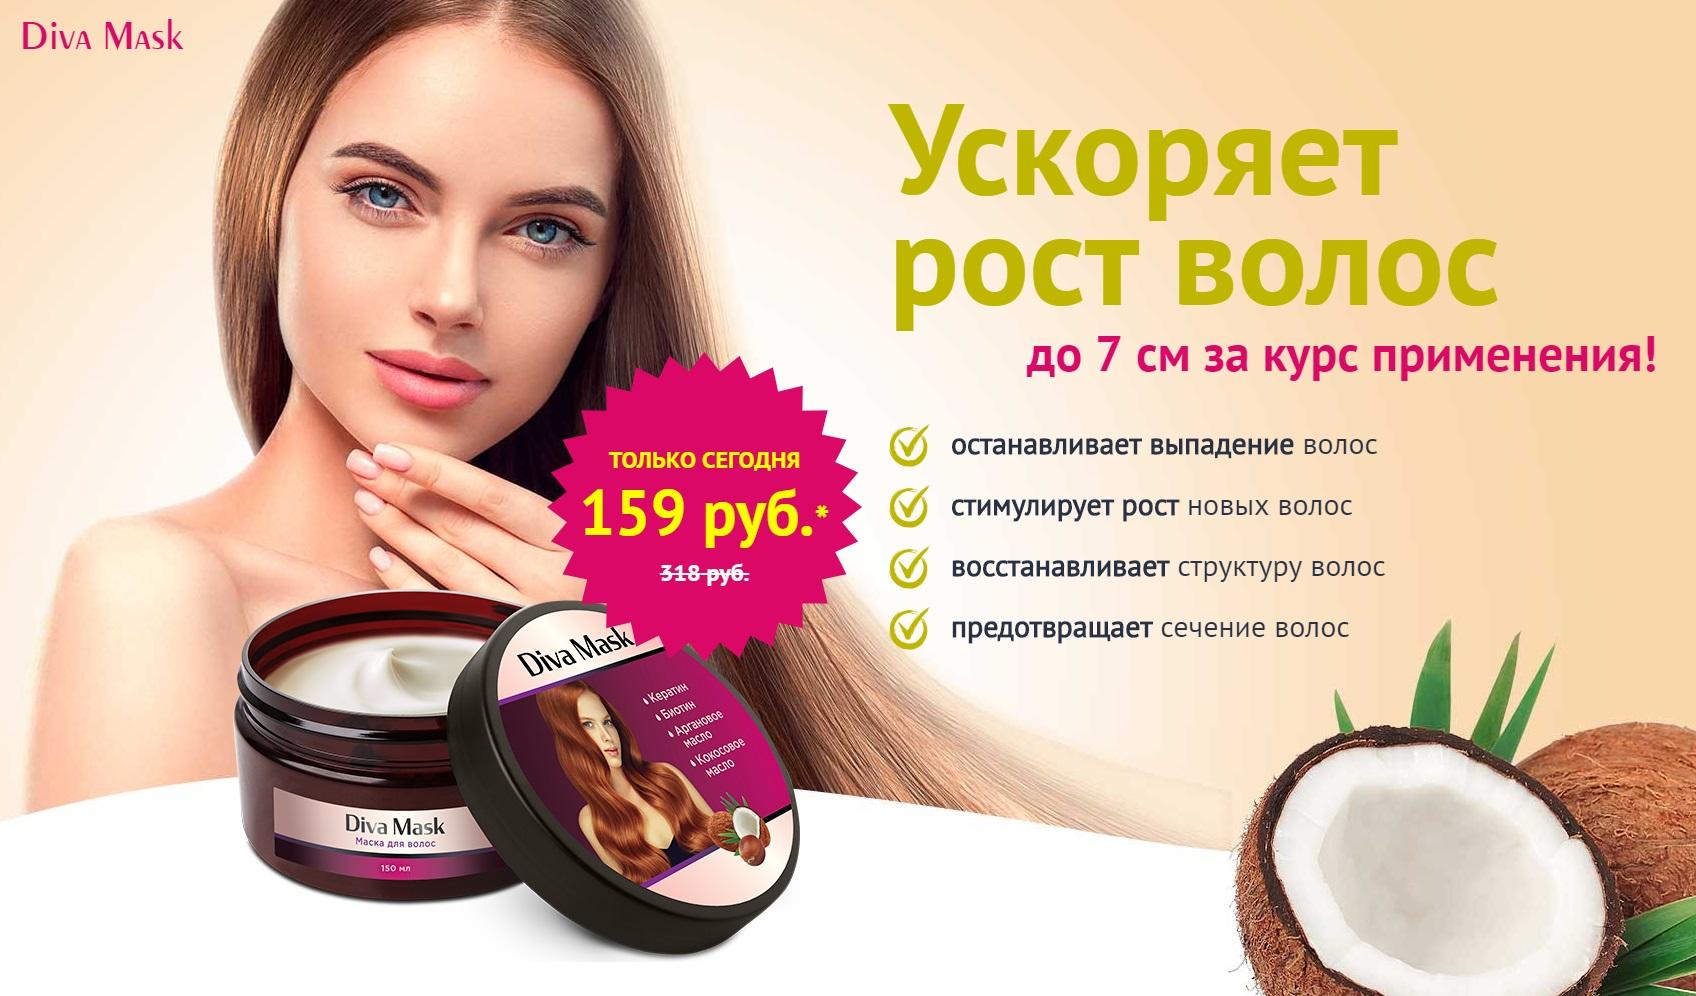 Diva Mask для укрепления и здоровья волос: купить, отзывы, цена